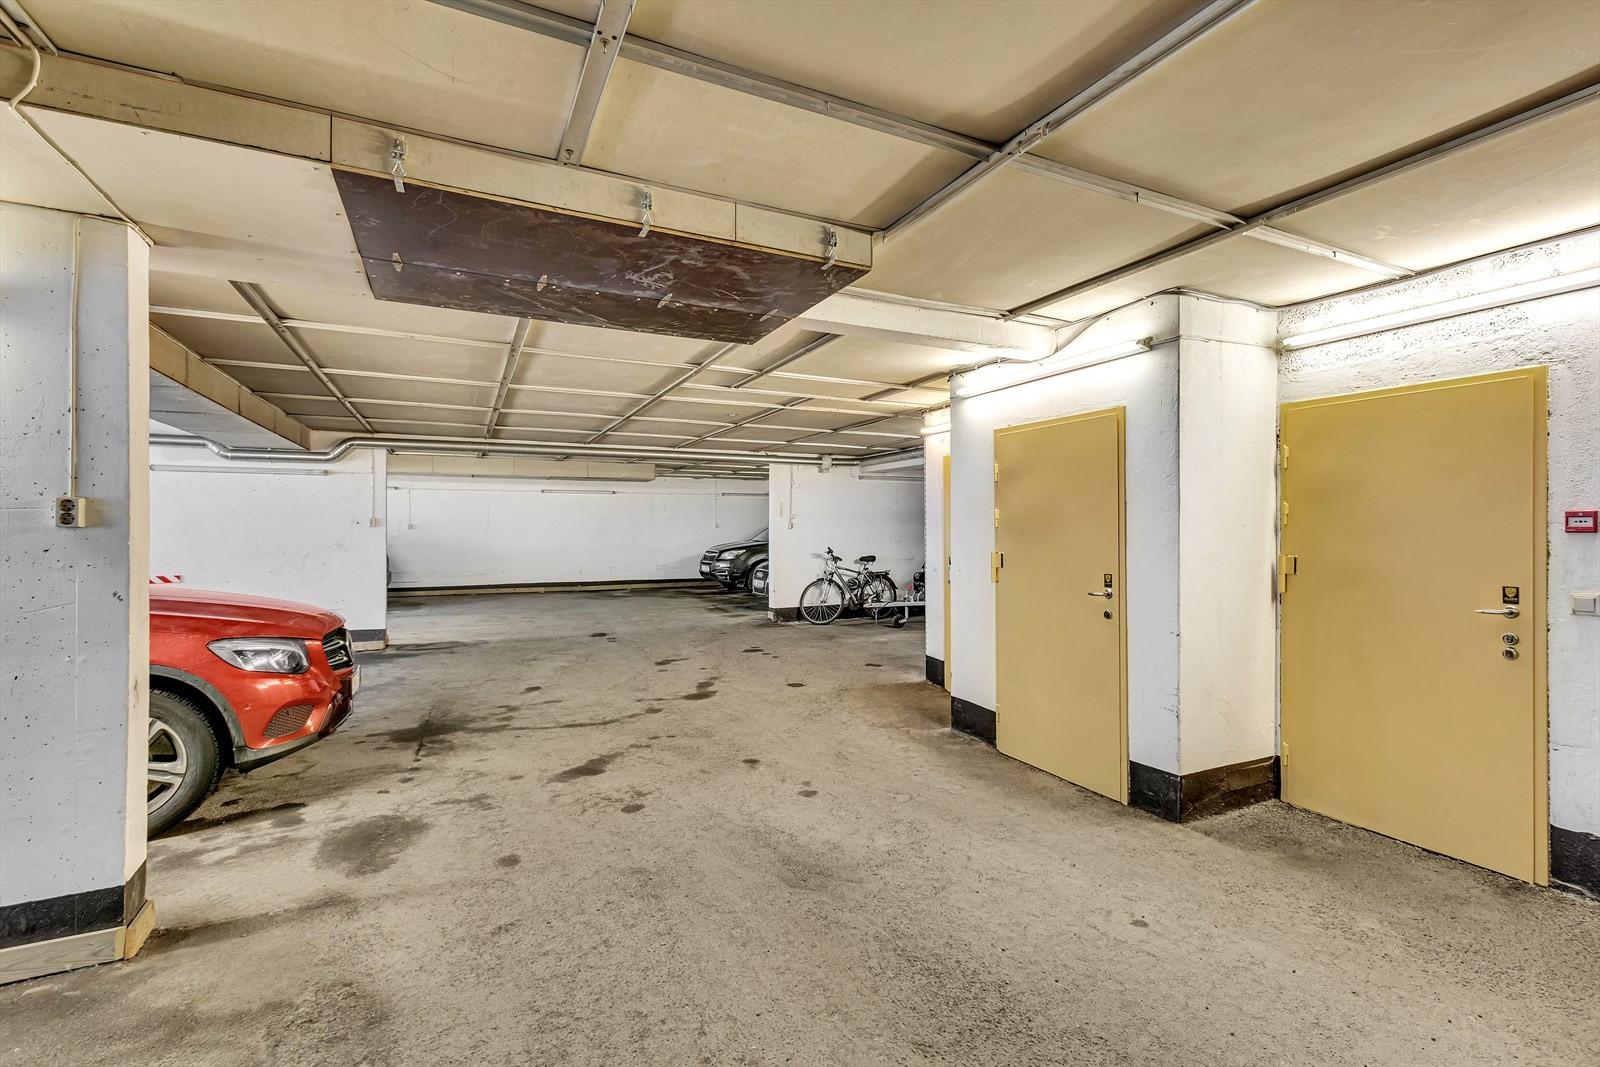 Til boligen er det egen plass i felles garasjeanlegg